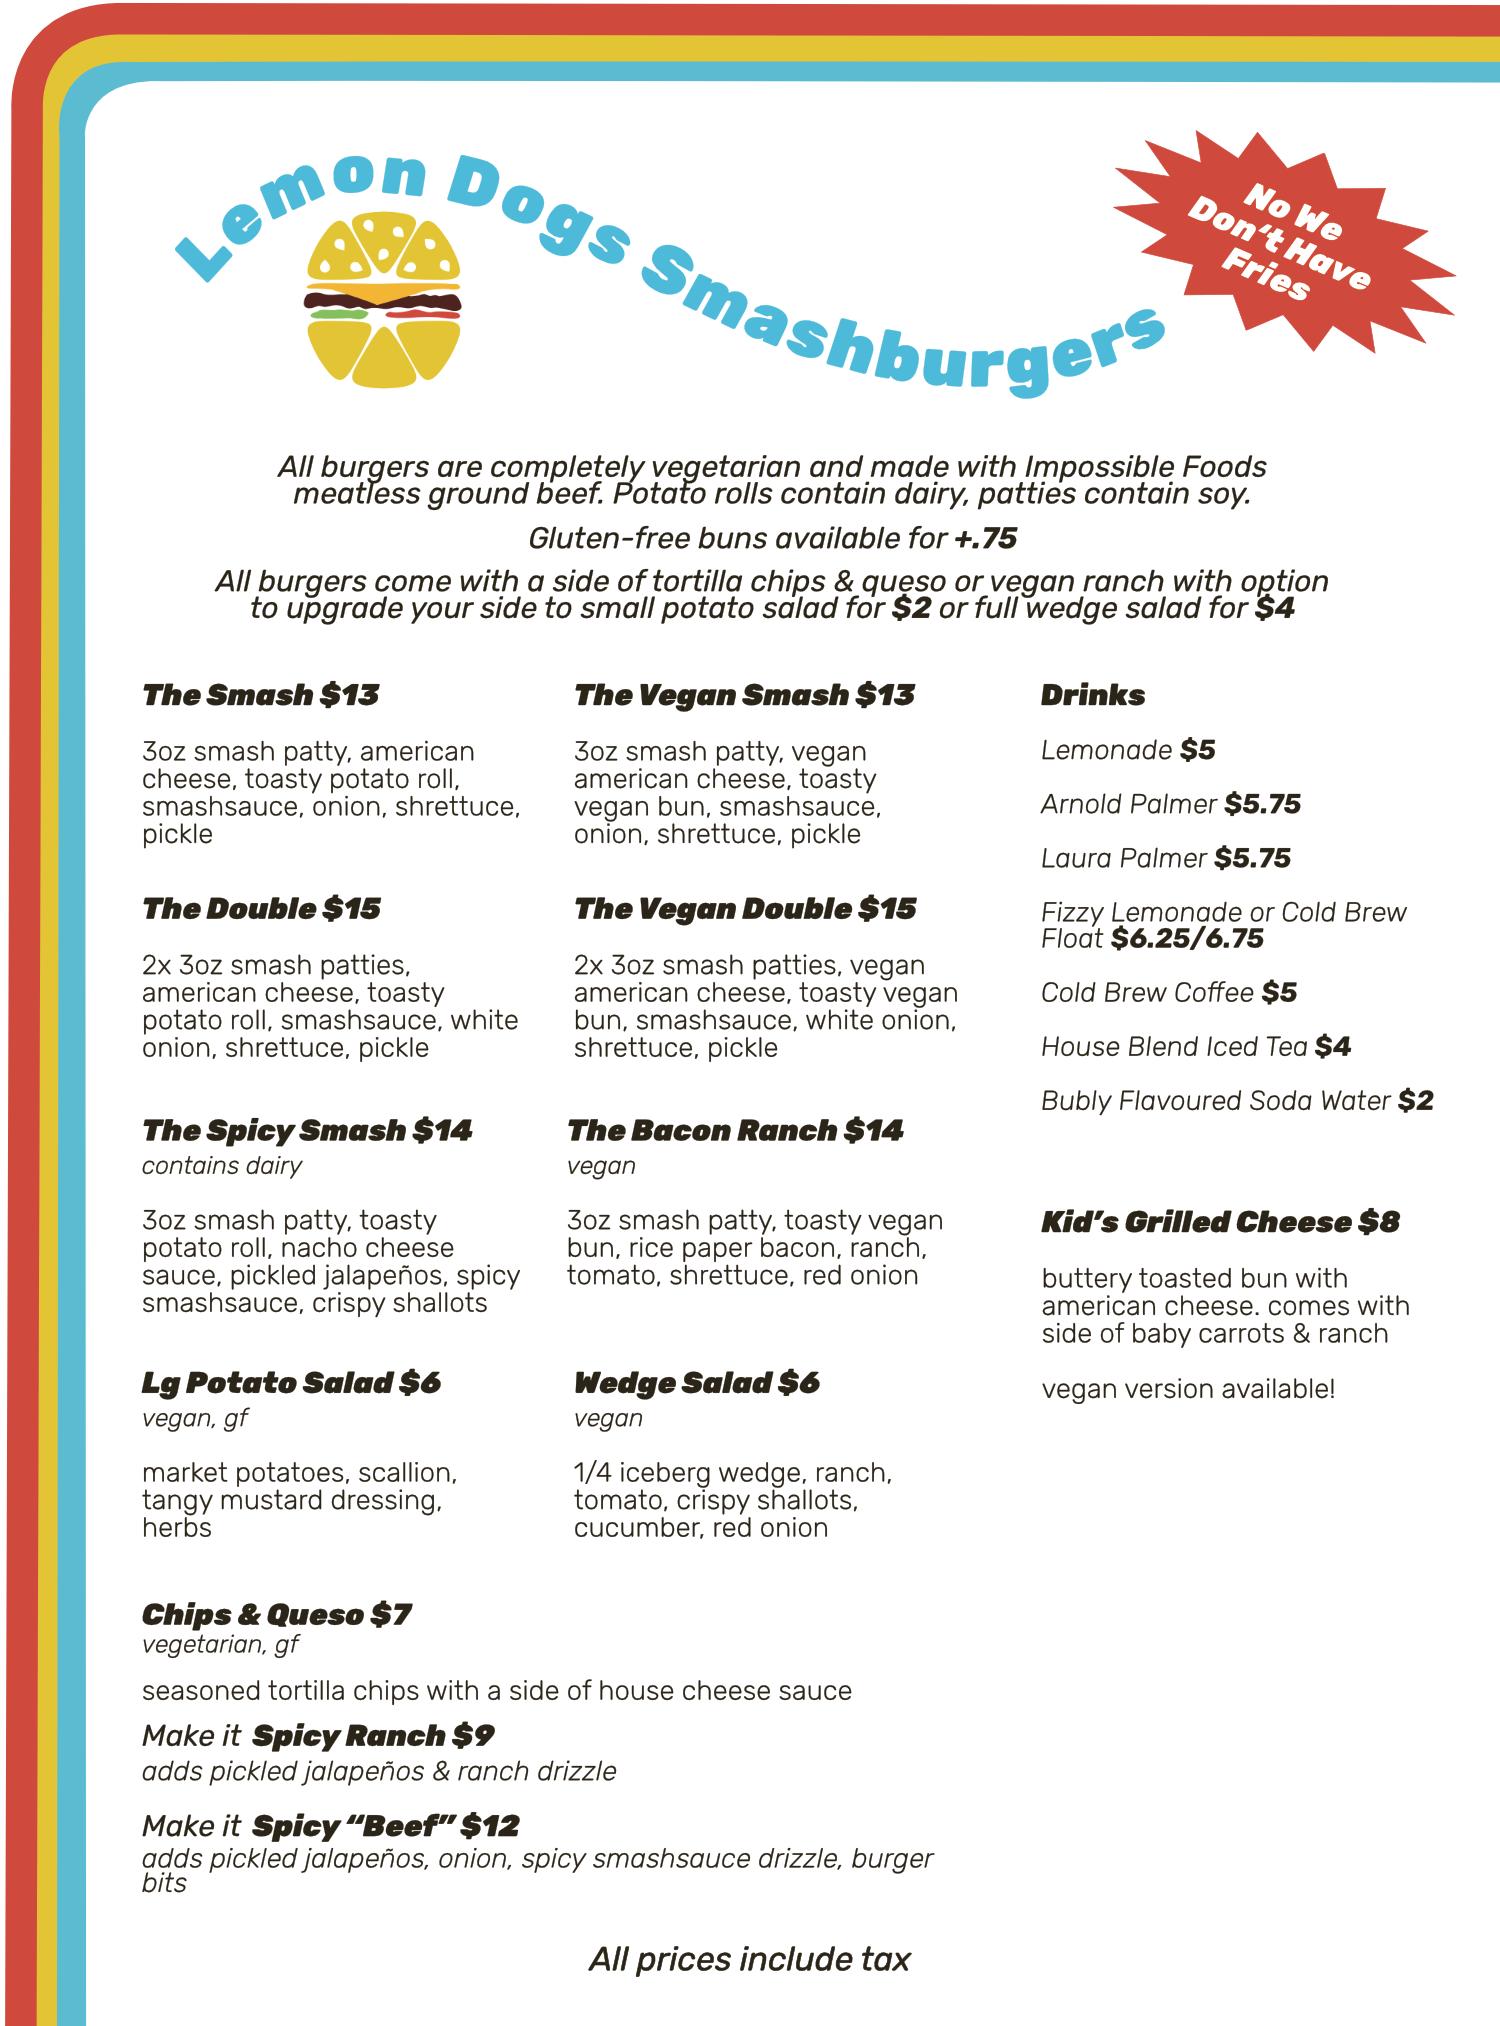 May 21 burger menu